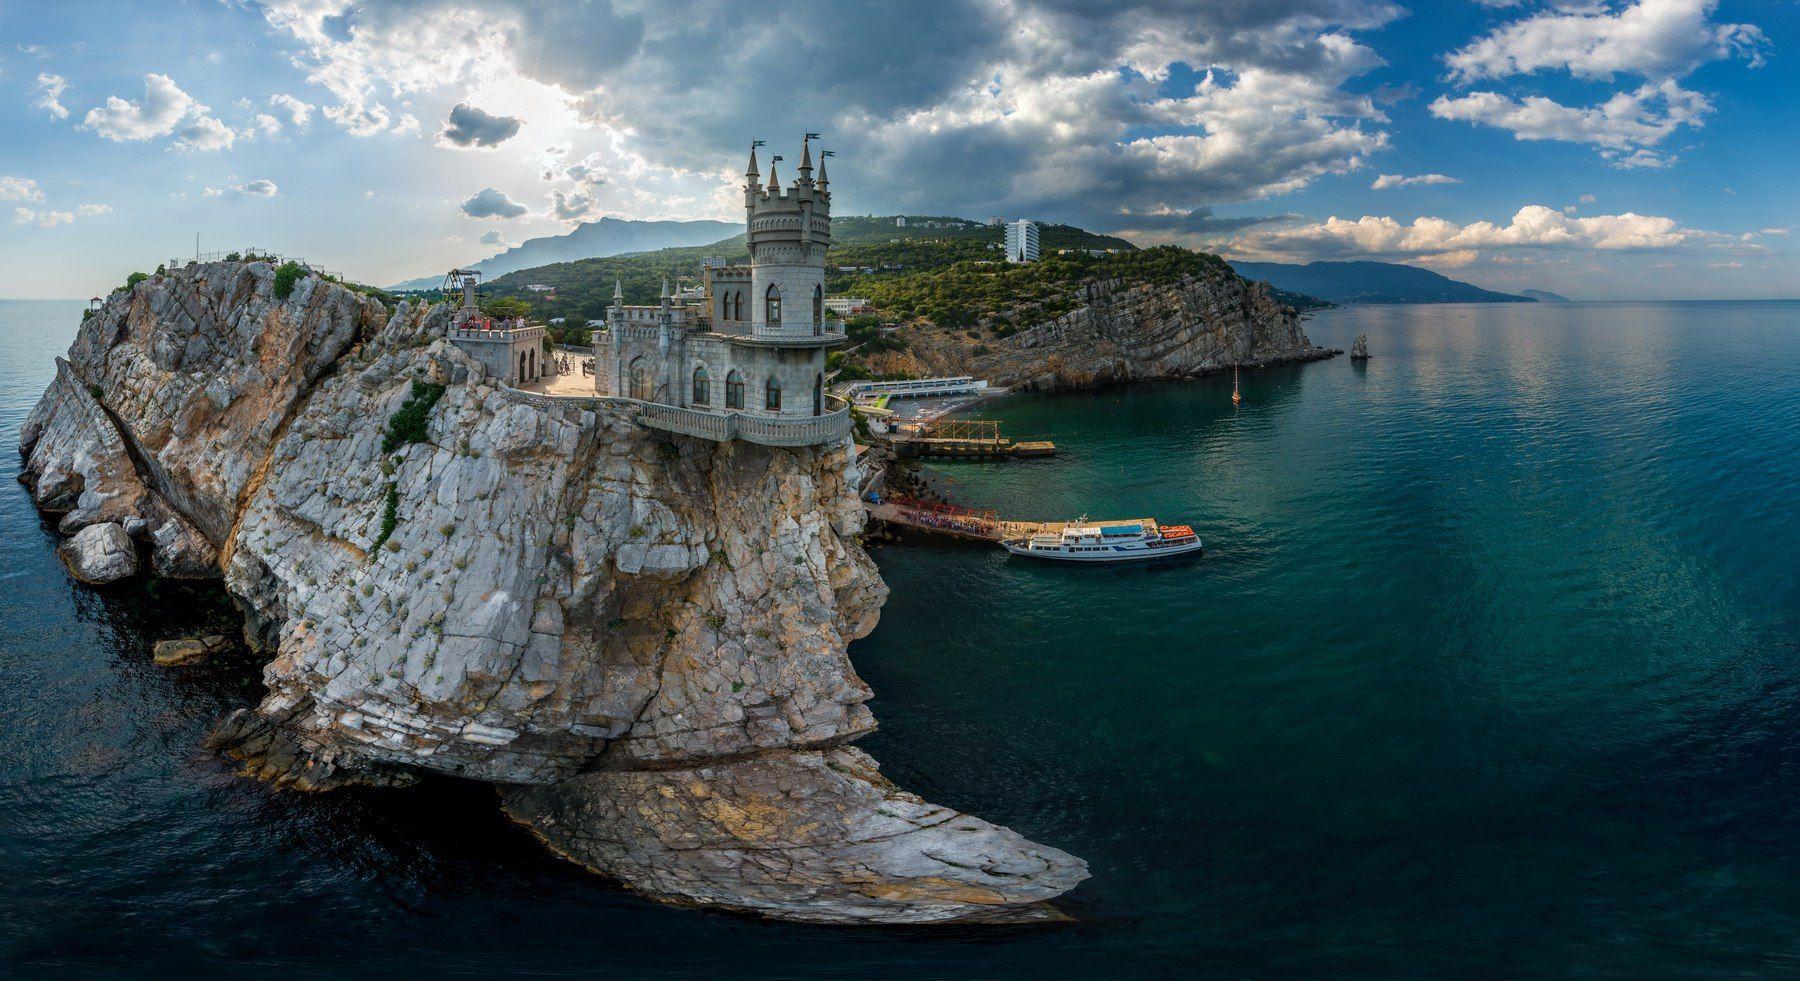 ТЕСТ: Что вы знаете о Крыме?